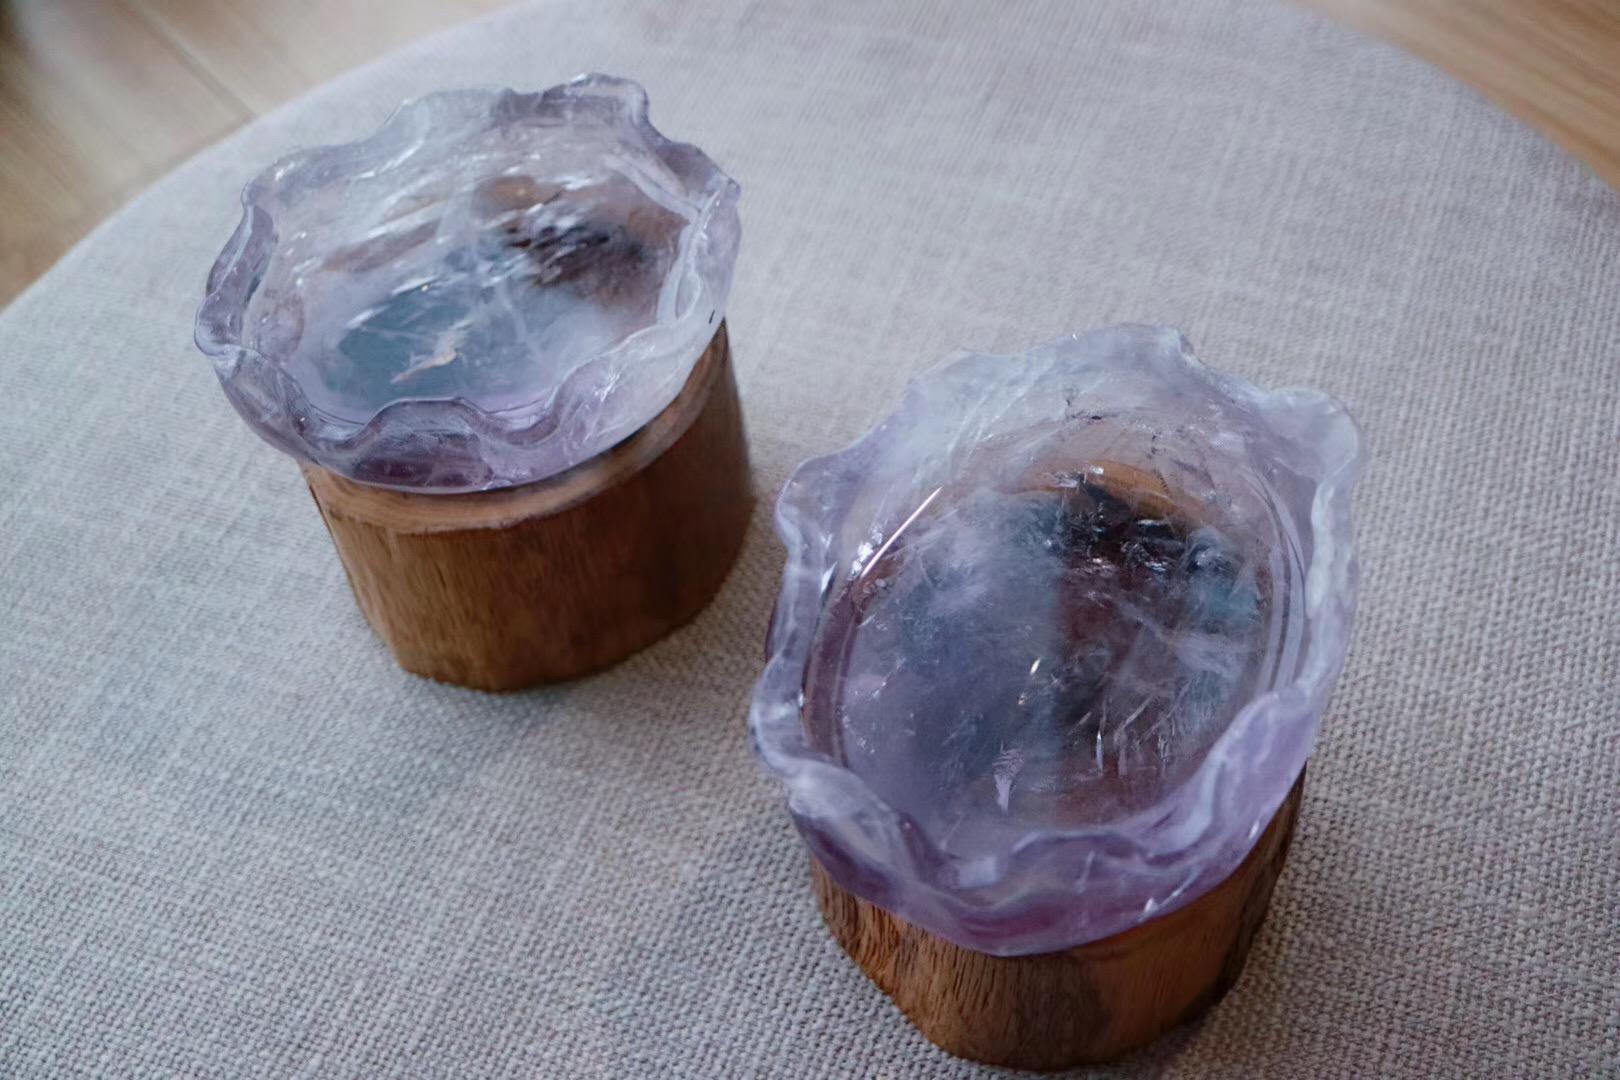 【菩心 | 紫晶盆】一见倾心的薰衣草紫色,恬静又不失神秘感-菩心晶舍